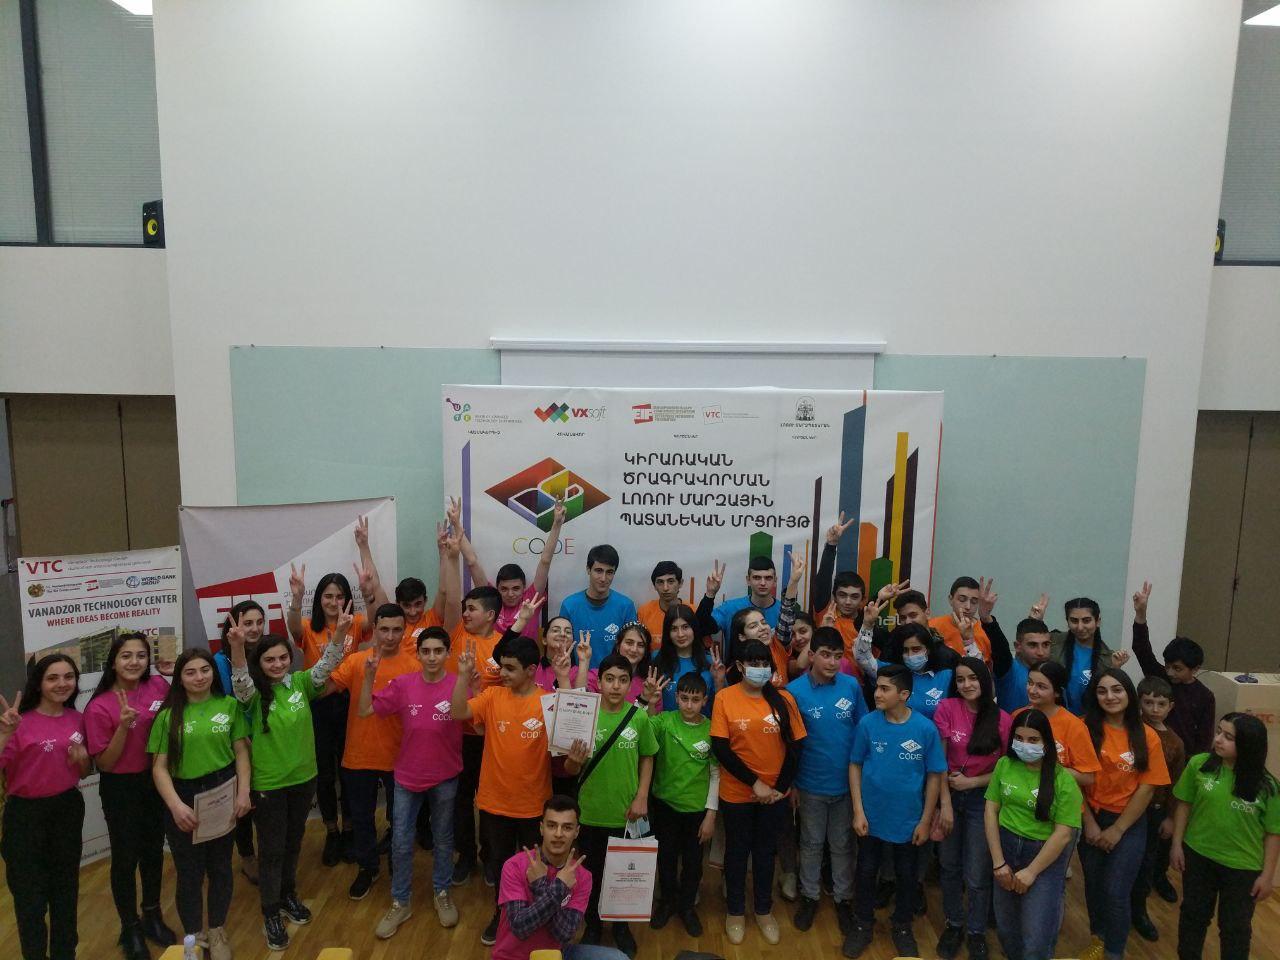 Կայացավ «DigiCode 2021» 6-րդ ամենամյա մրցույթի Լոռու մարզային փուլի եզրափակիչը